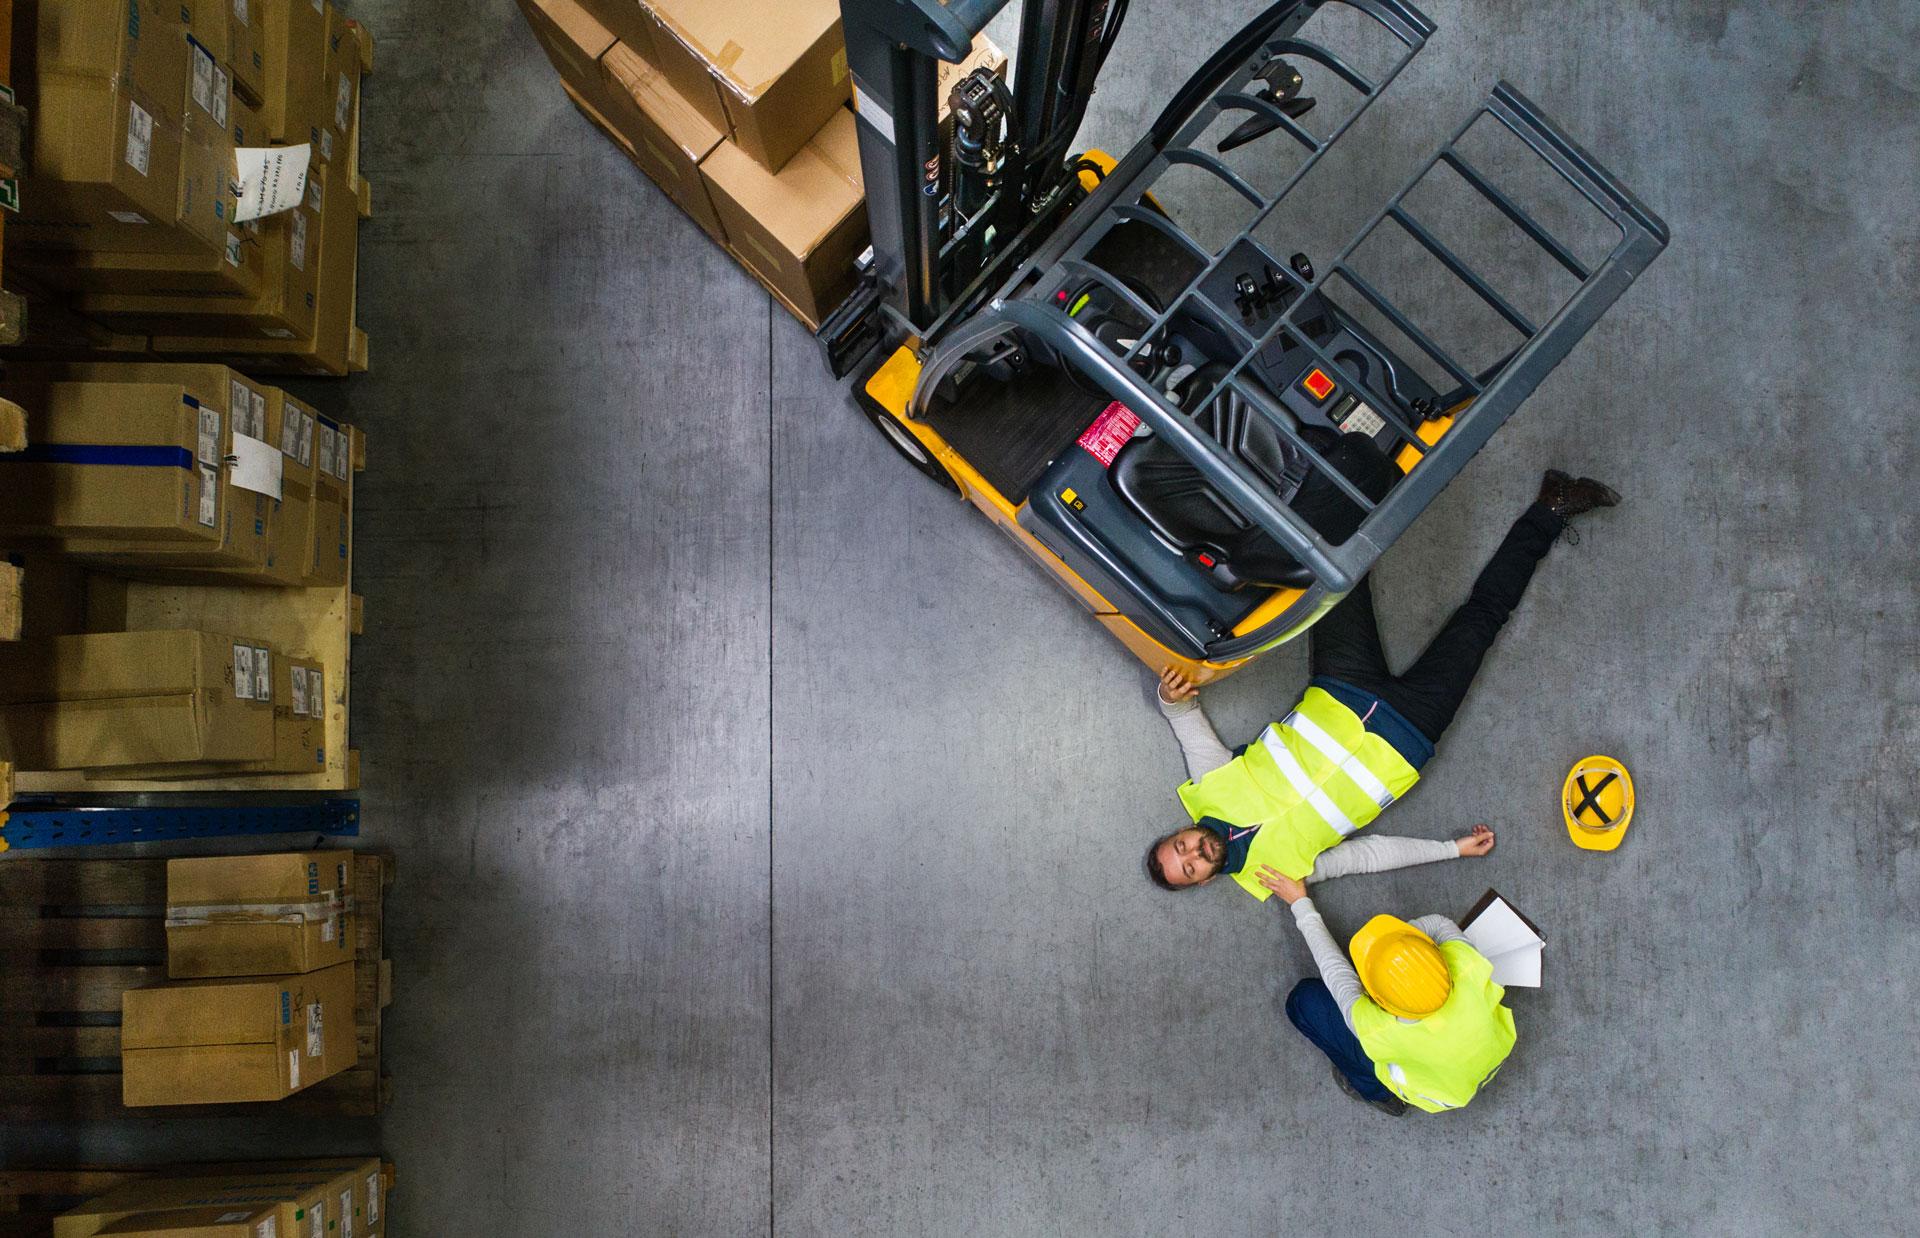 Personen-Notsignal-Anlagen • Alleinarbeit • Personennotsignalsystem oscom Deutschland Stapler • Mitarbeitersicherung • Jobs in Bielefeld